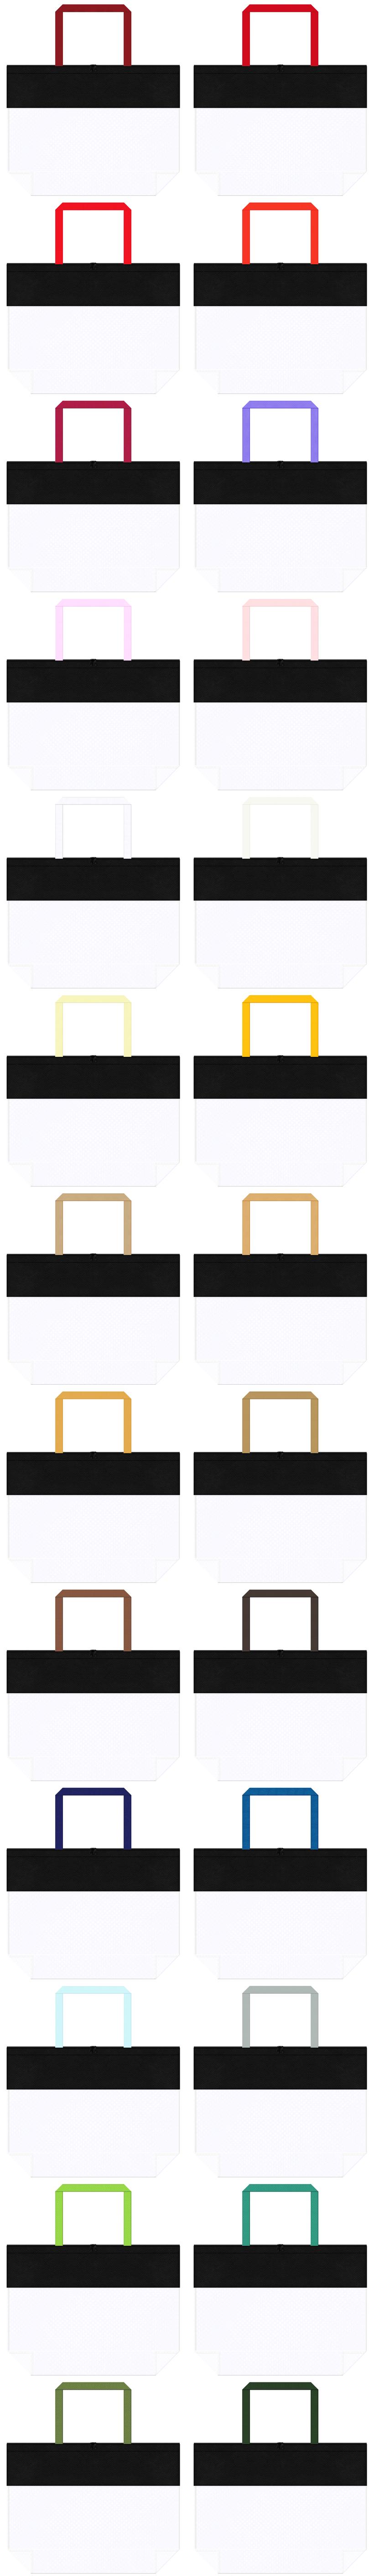 白色メッシュと黒色不織布をメインに使用した、台形型メッシュバッグのカラーシミュレーション